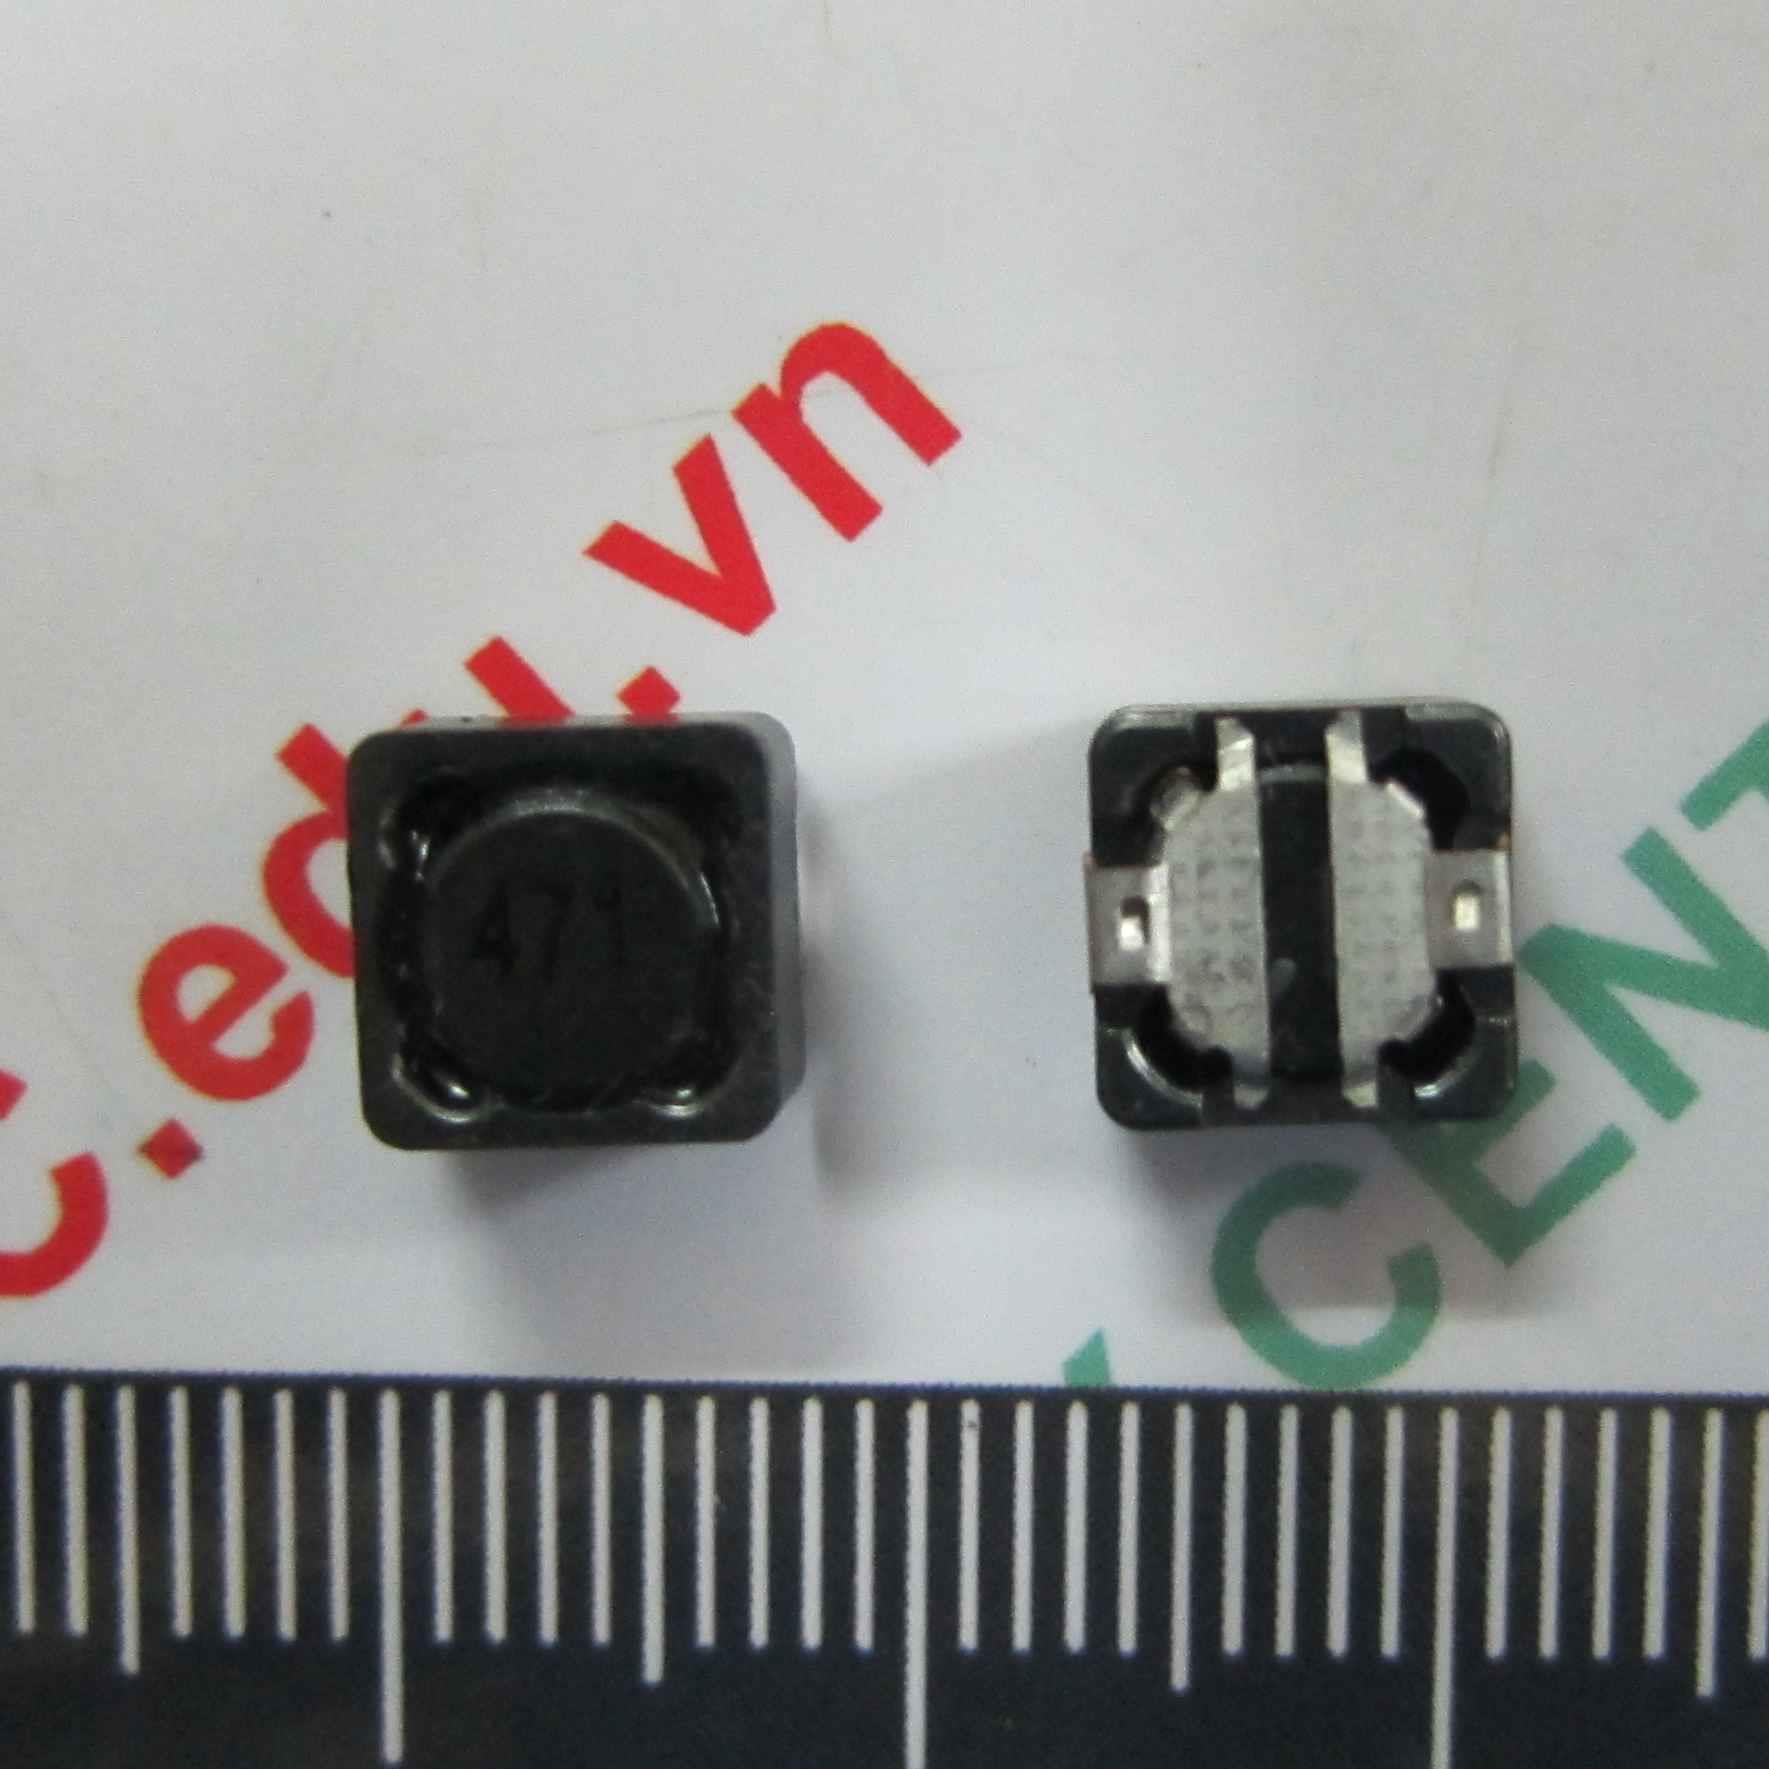 CUỘN CẢM SMD 33uH 7.4x7.4mm CD74R 0.4A - B10H16